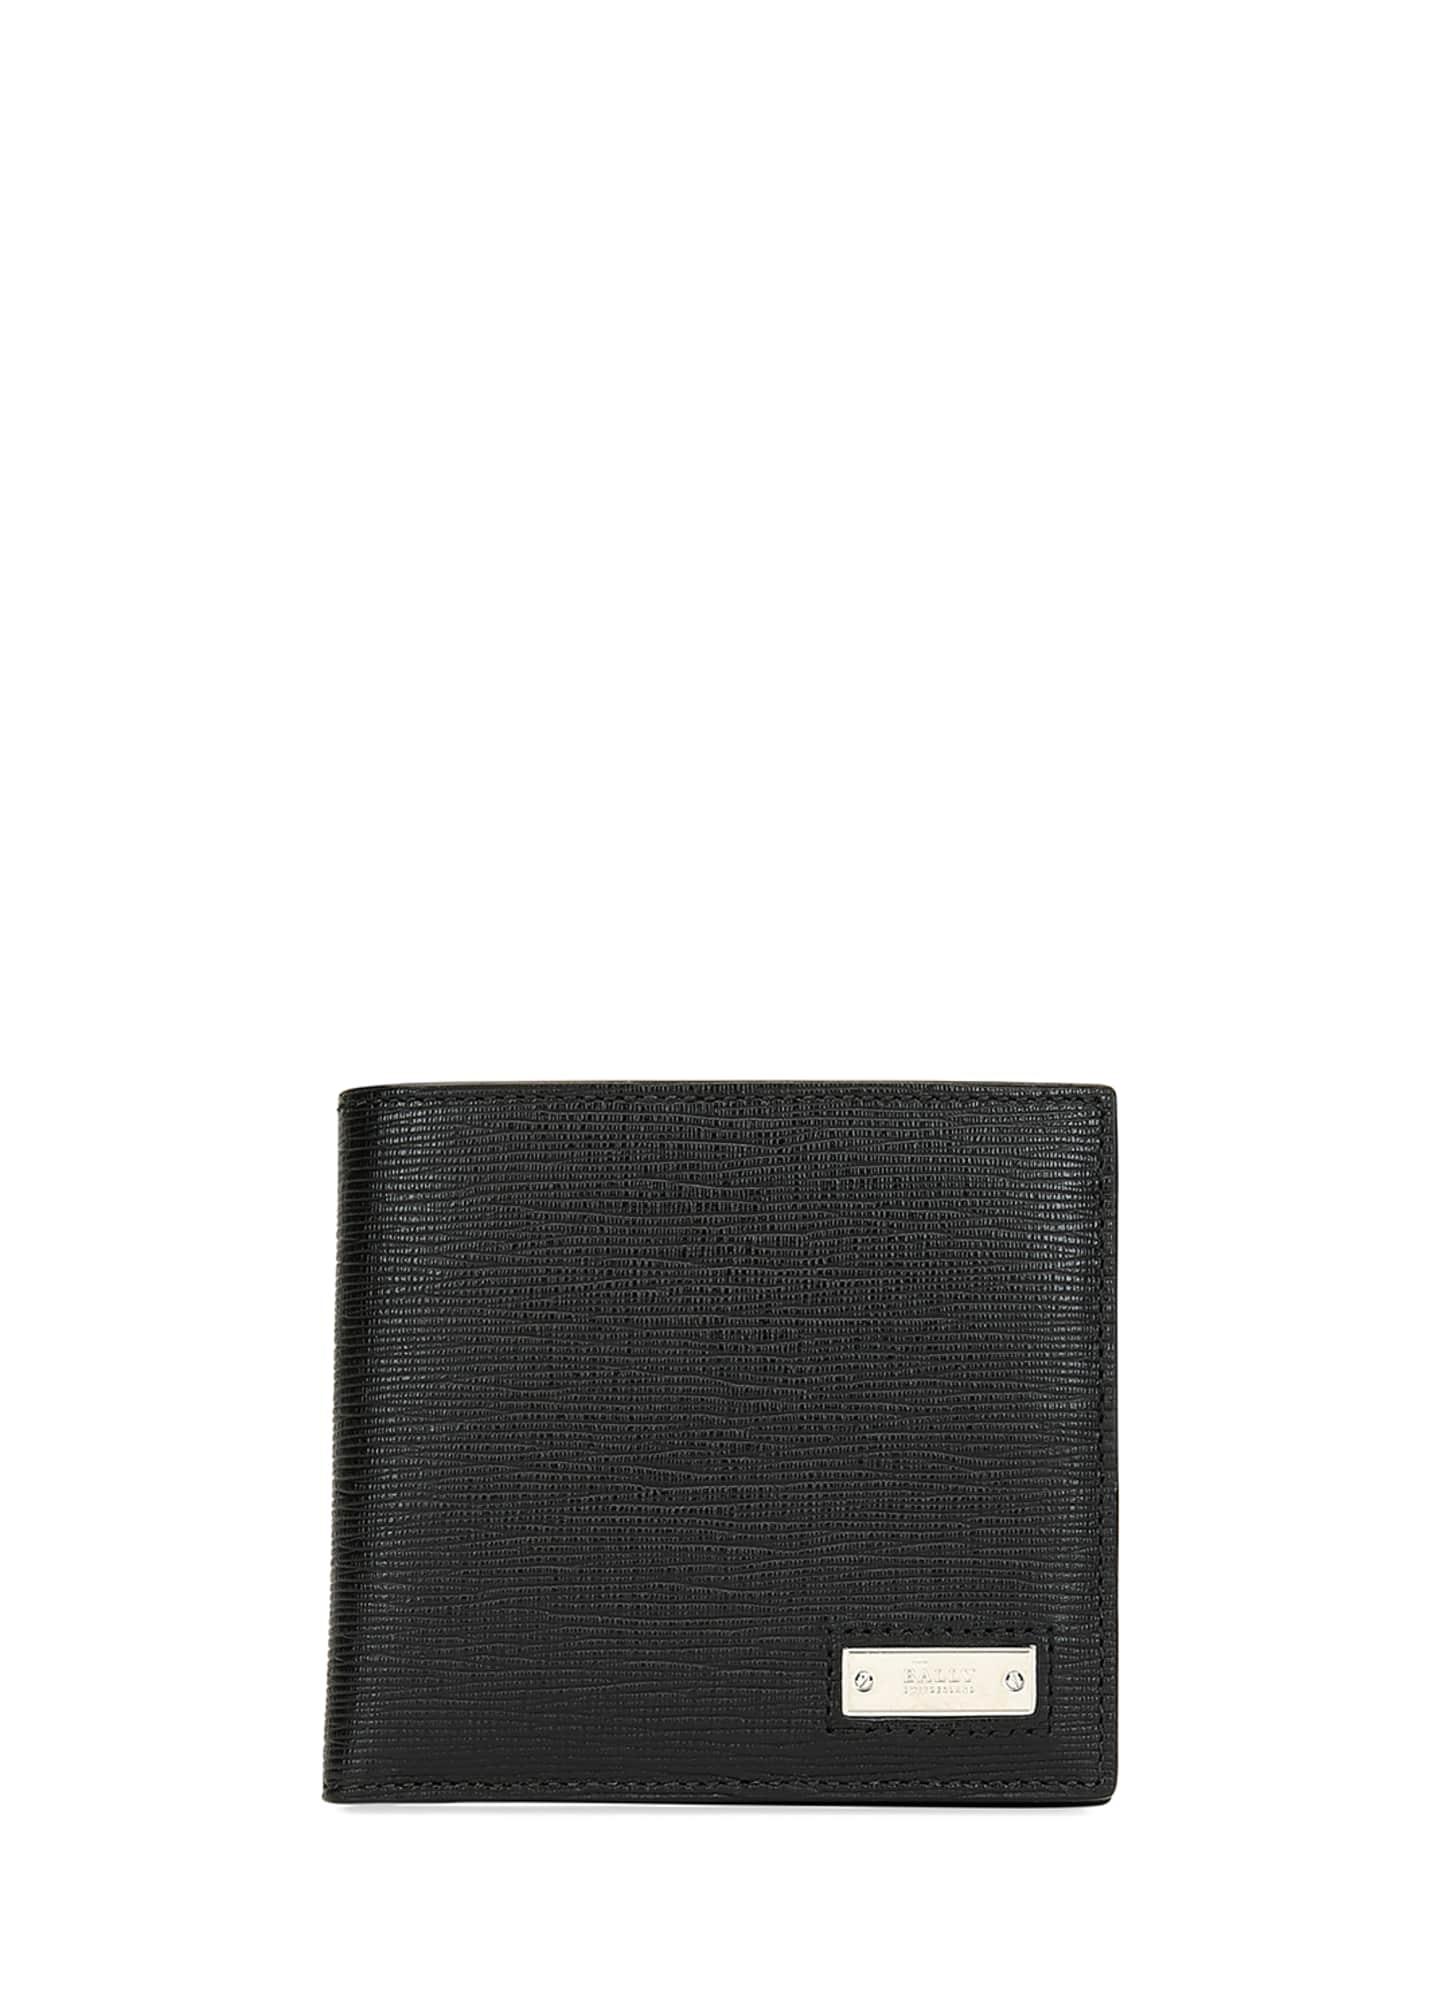 Bally Men's Beisel Leather Bi-Fold Wallet